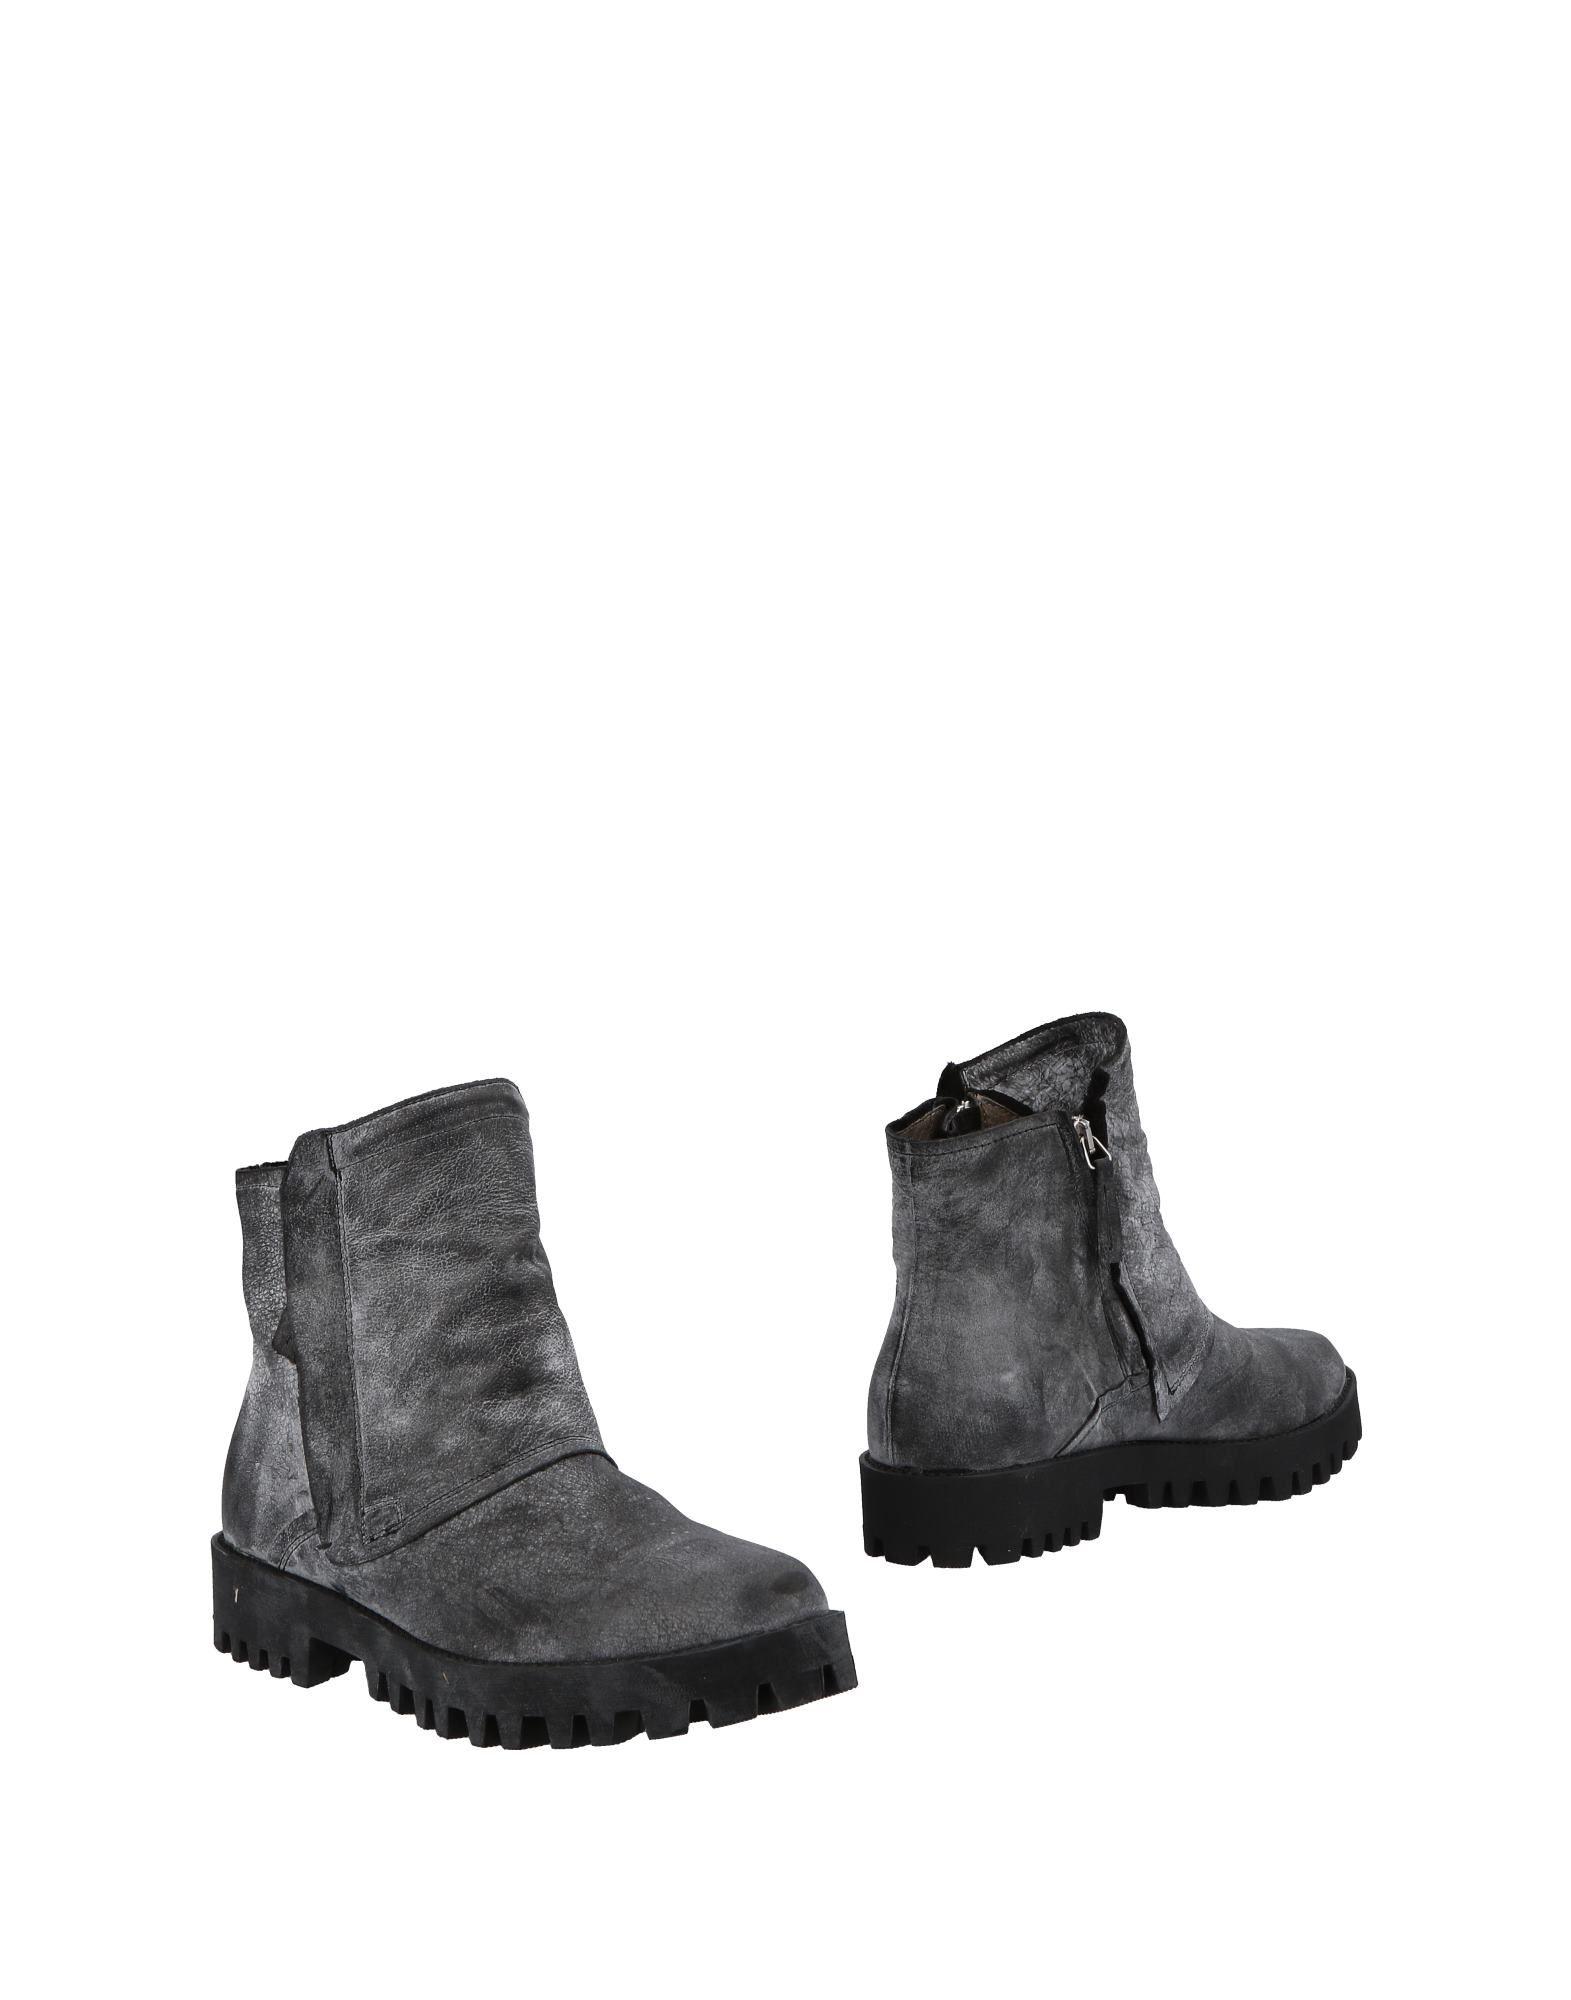 Bottine Hangar Femme - Bottines Hangar Gris Nouvelles chaussures pour hommes et femmes, remise limitée dans le temps